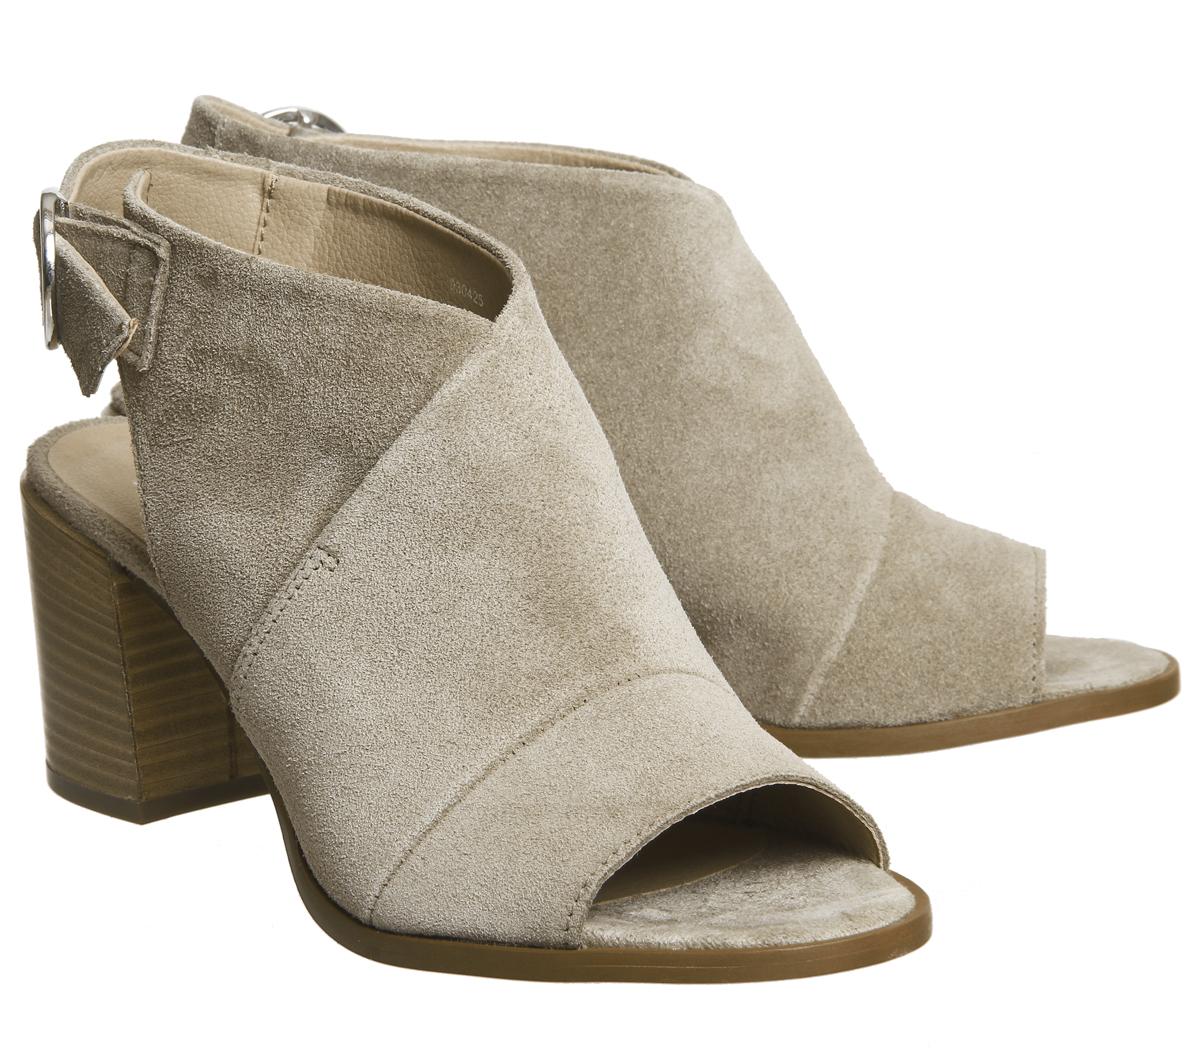 Damenschuhe Sandales Office Mysterious Block Heel Sandales Damenschuhe TAUPE SUEDE Heels 38ed95